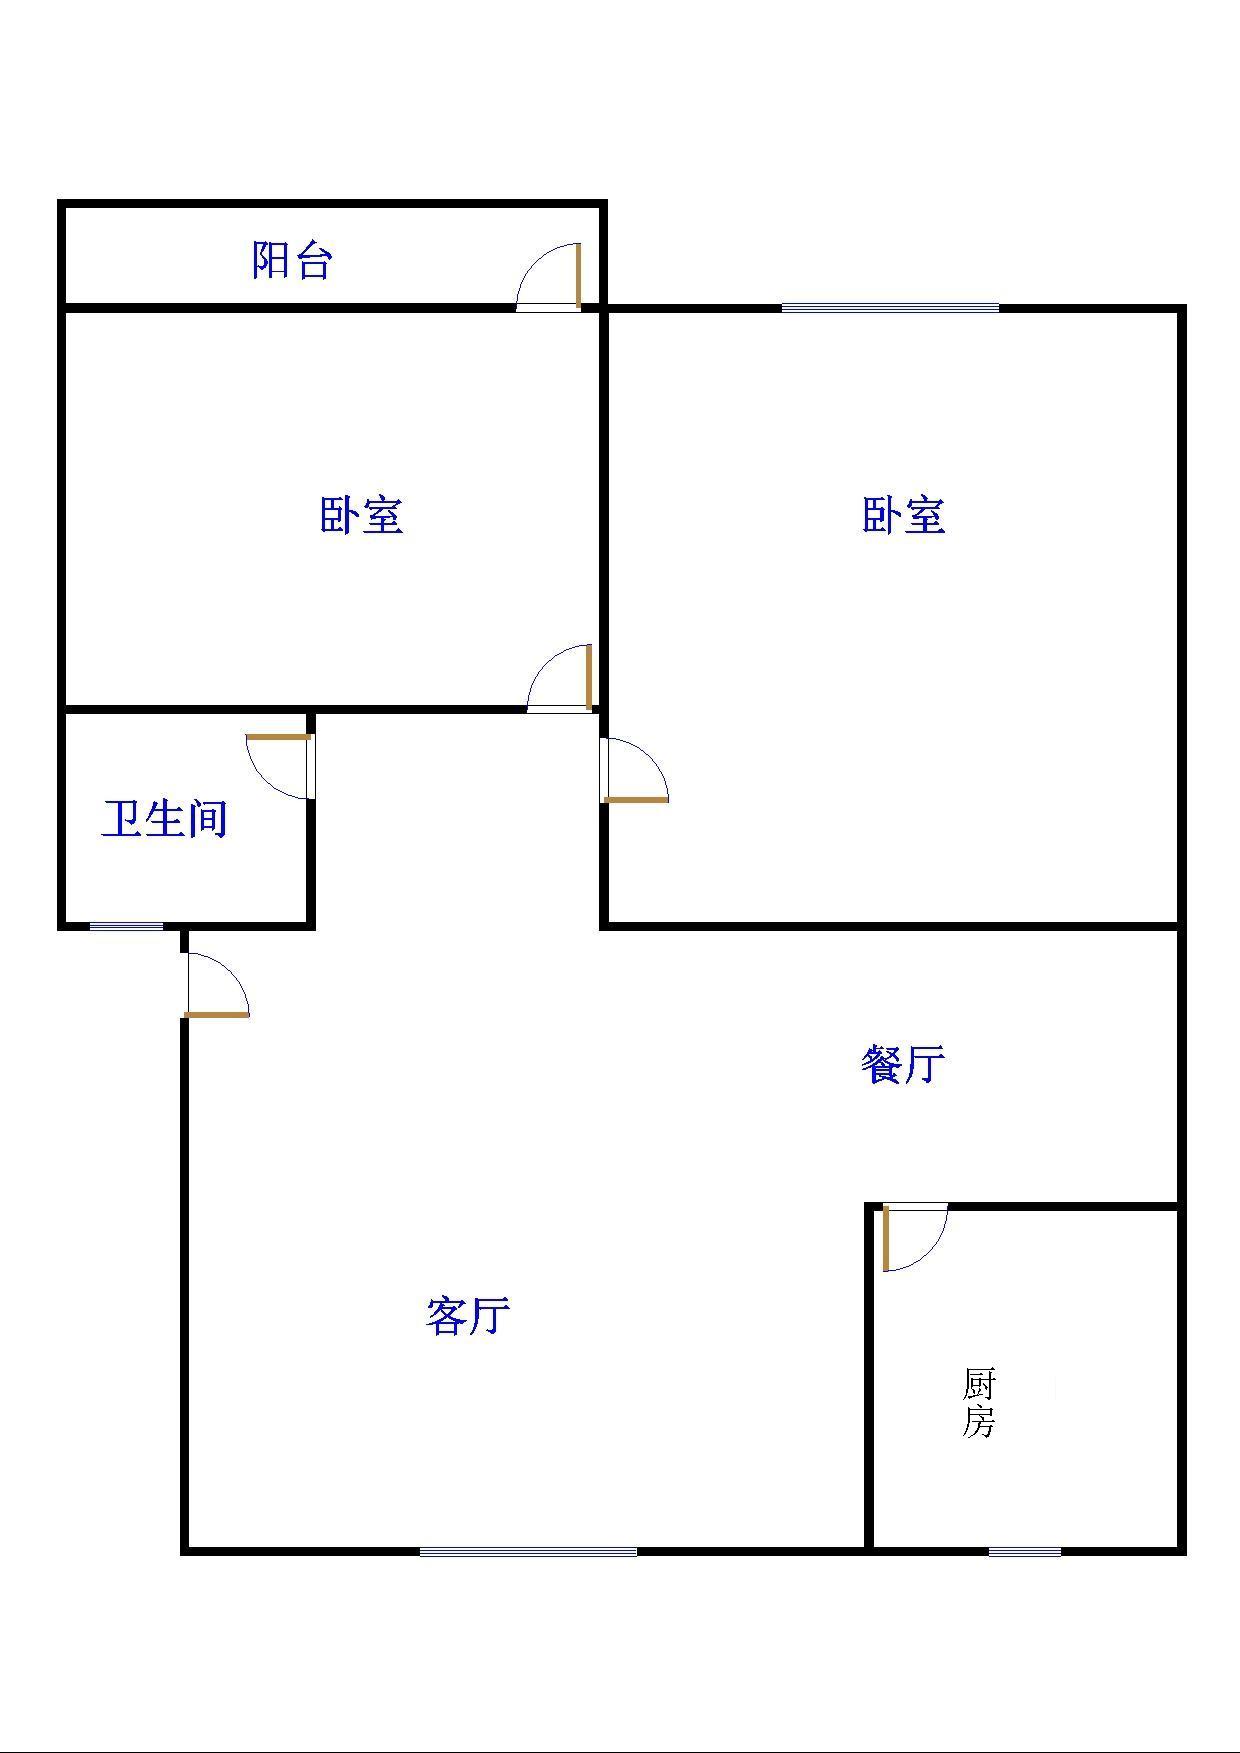 西长新村 2室2厅  简装 42万